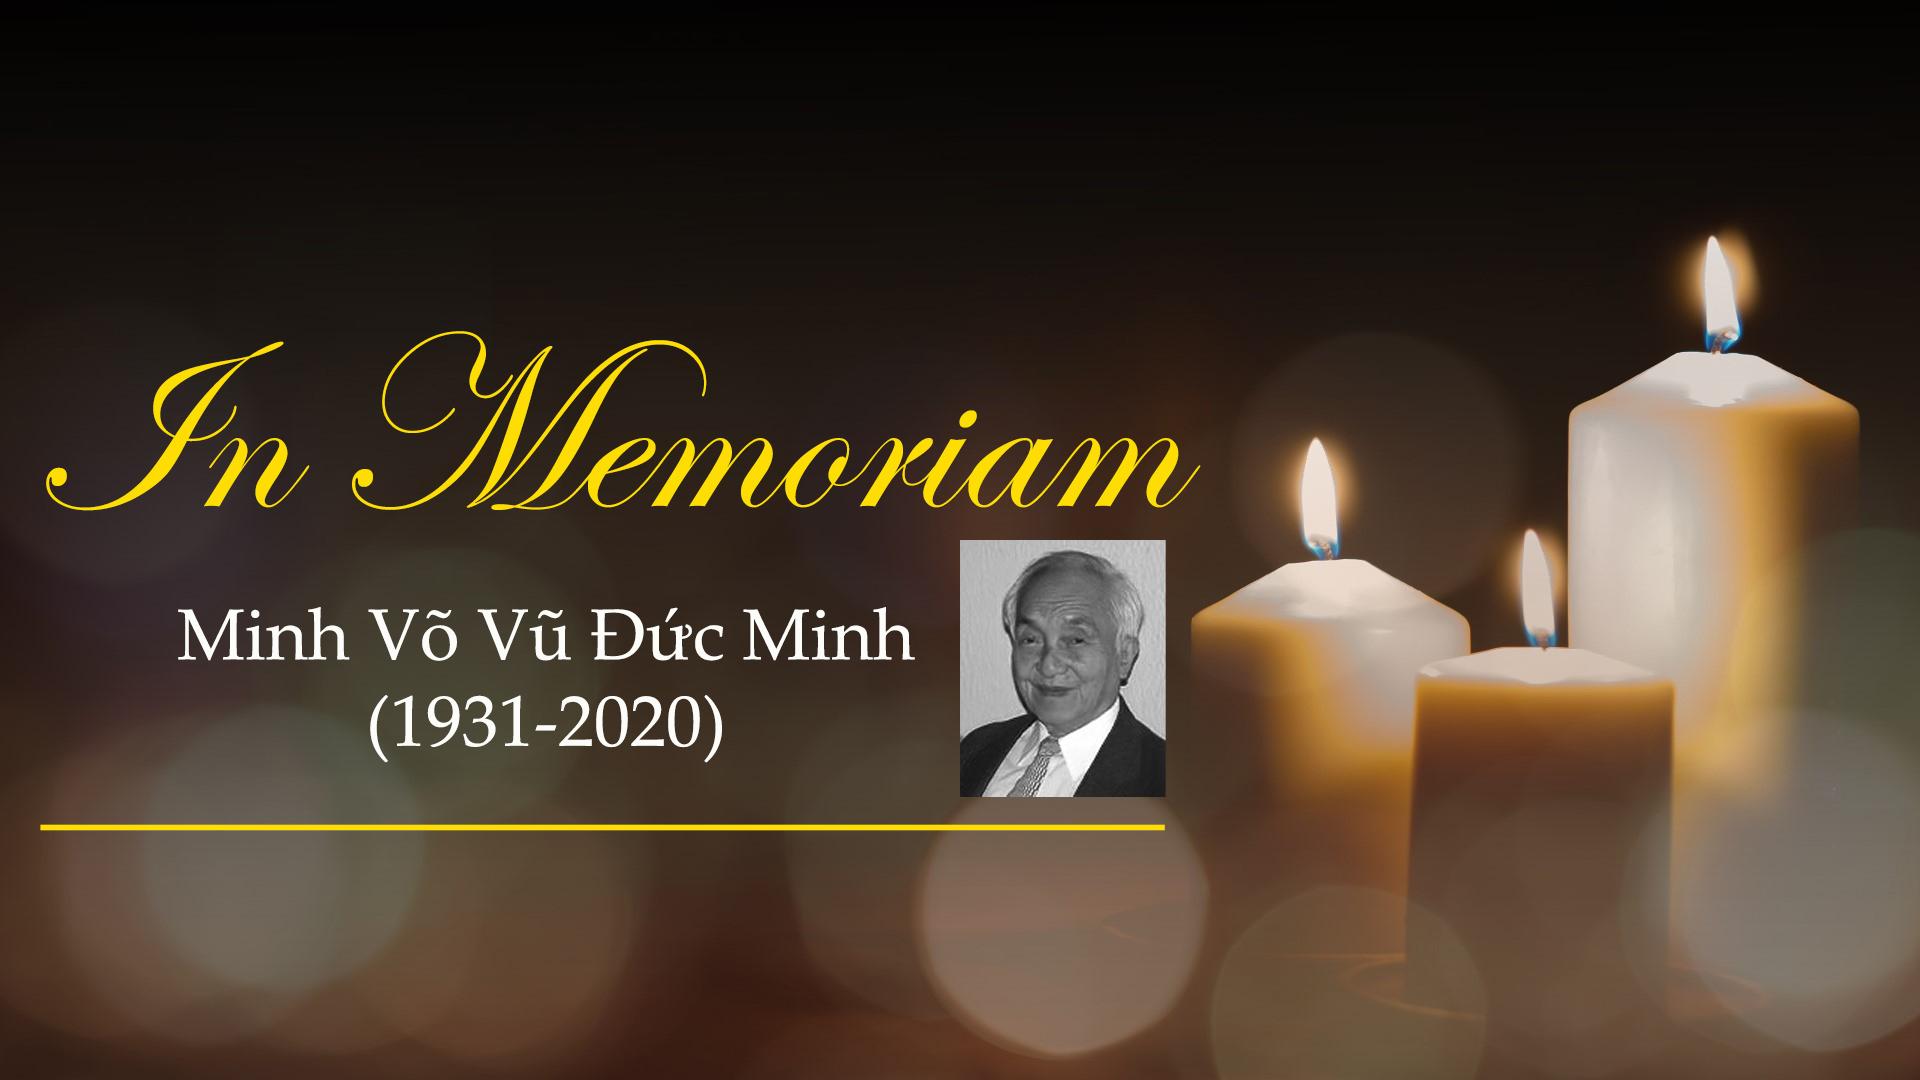 Minh Võ Vũ Đức Minh (1931-2020)